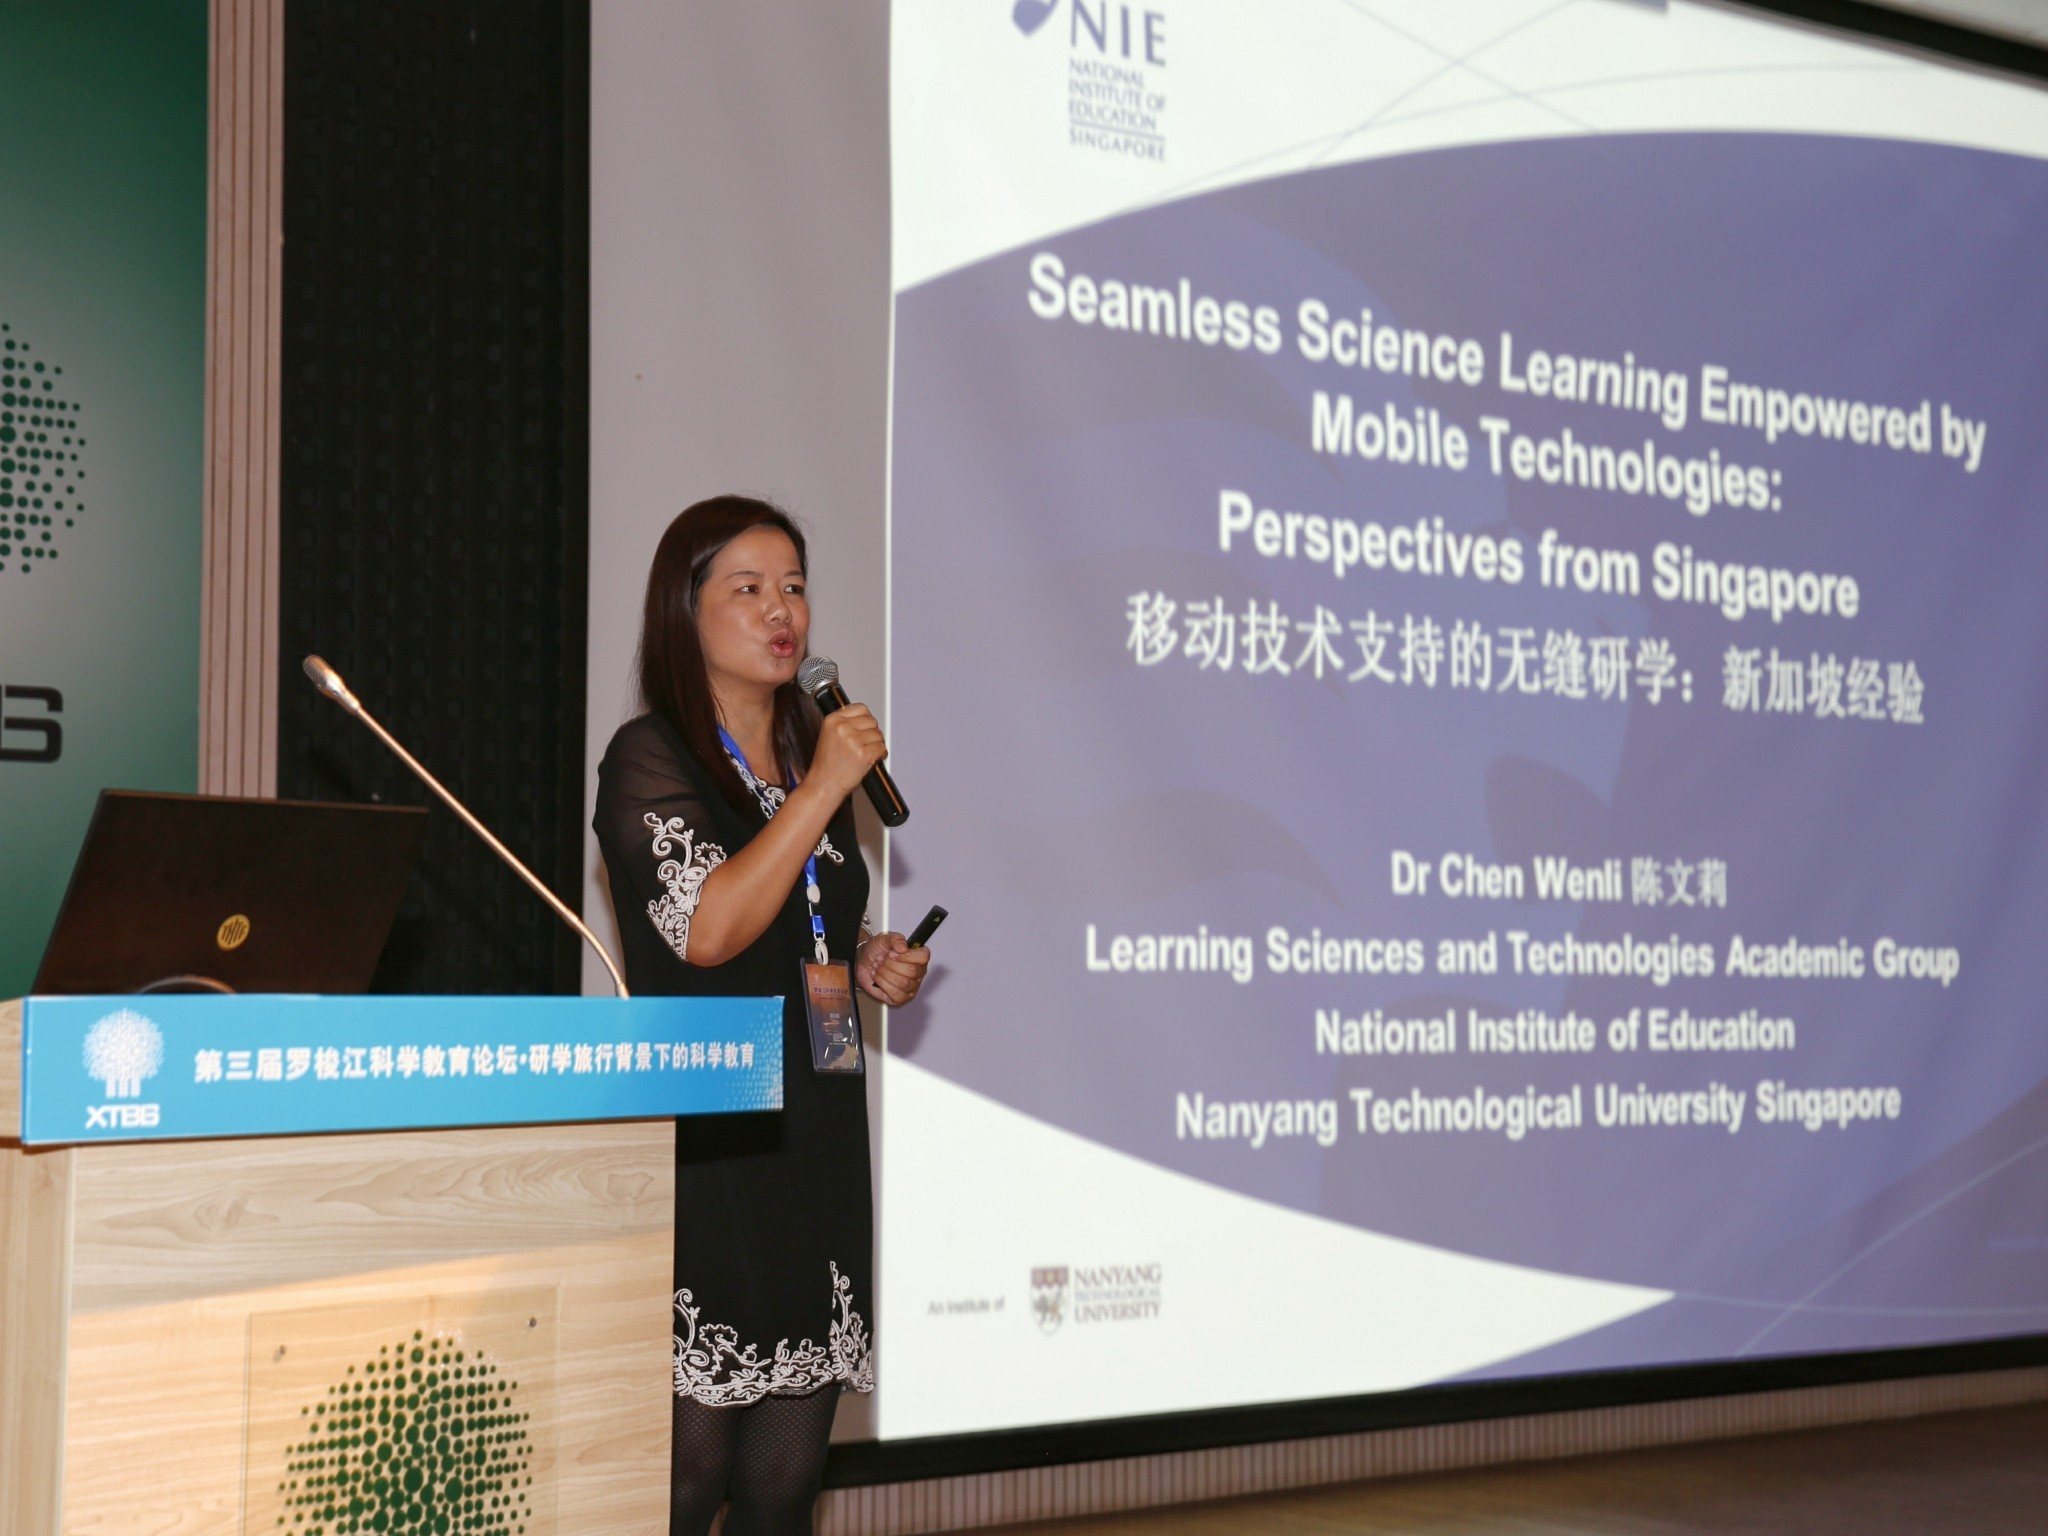 【大会报告】新加坡南洋理工大学副教授 陈文莉:移动技术支持的科学无缝研学:新加坡经验